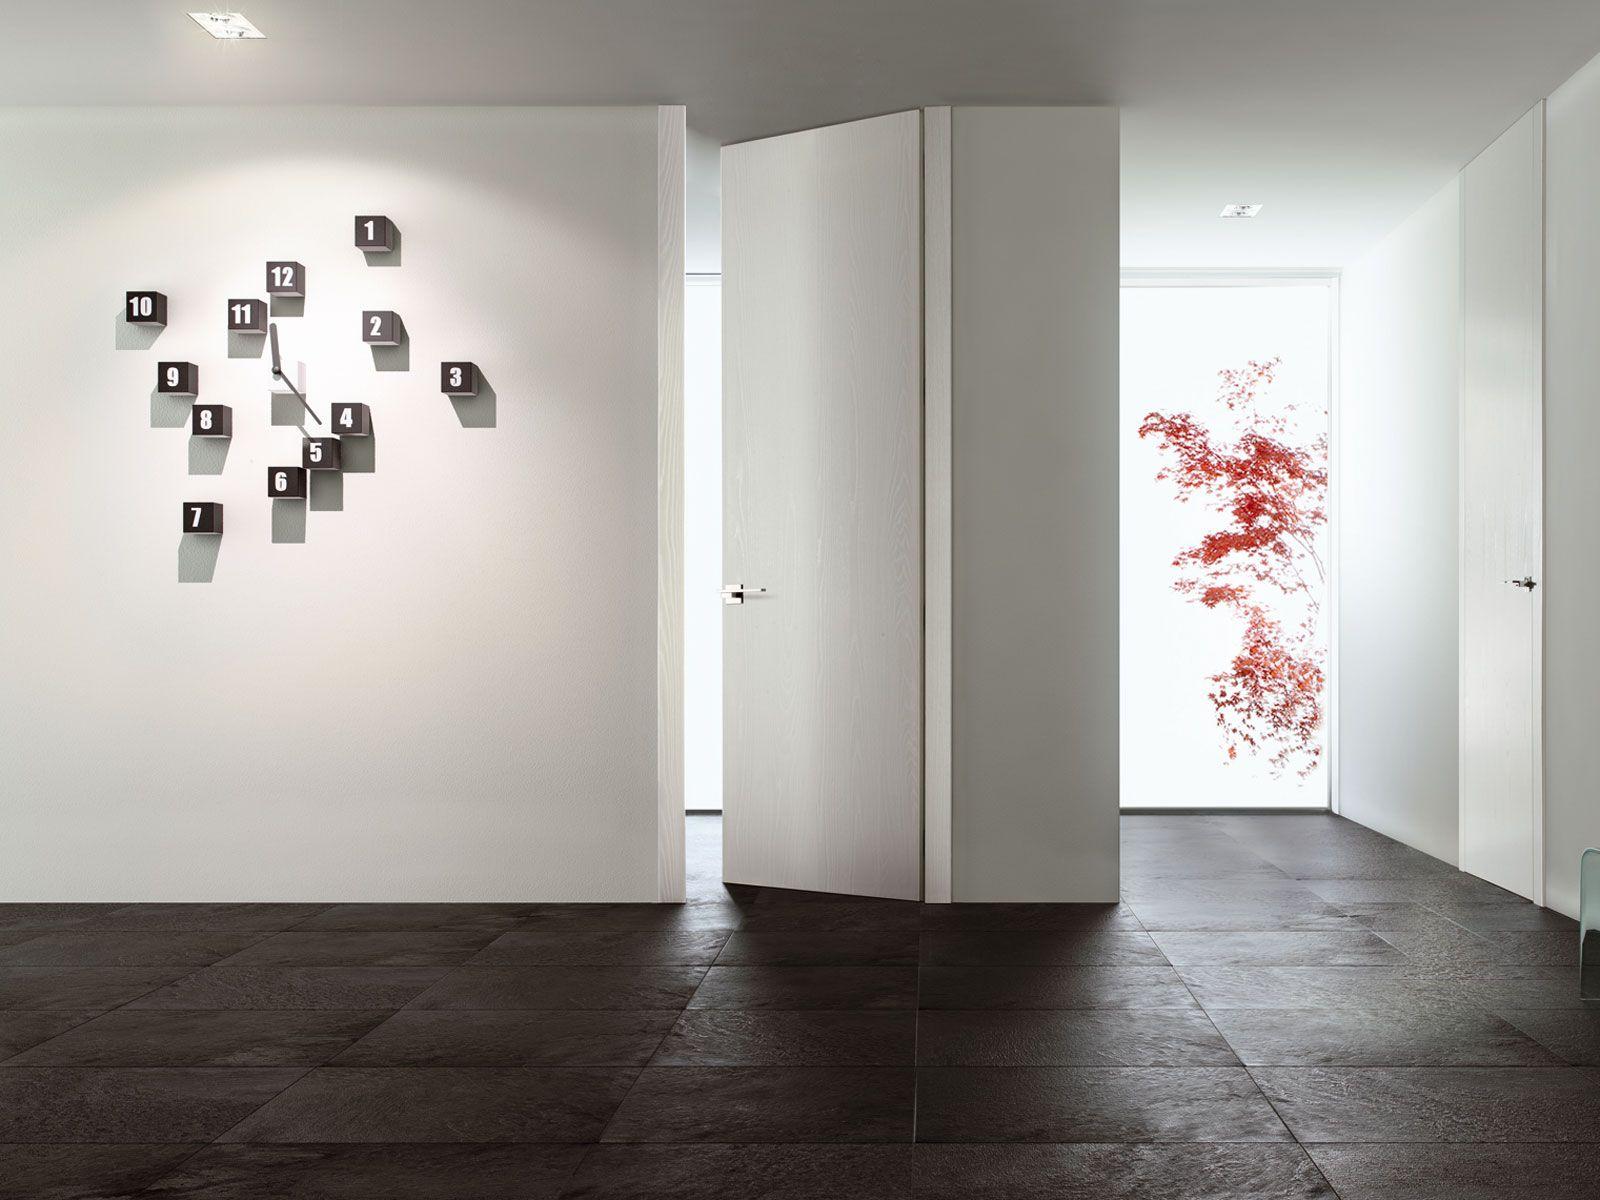 porte filo muro tutta altezza - Cerca con Google | Porte | Doors ...